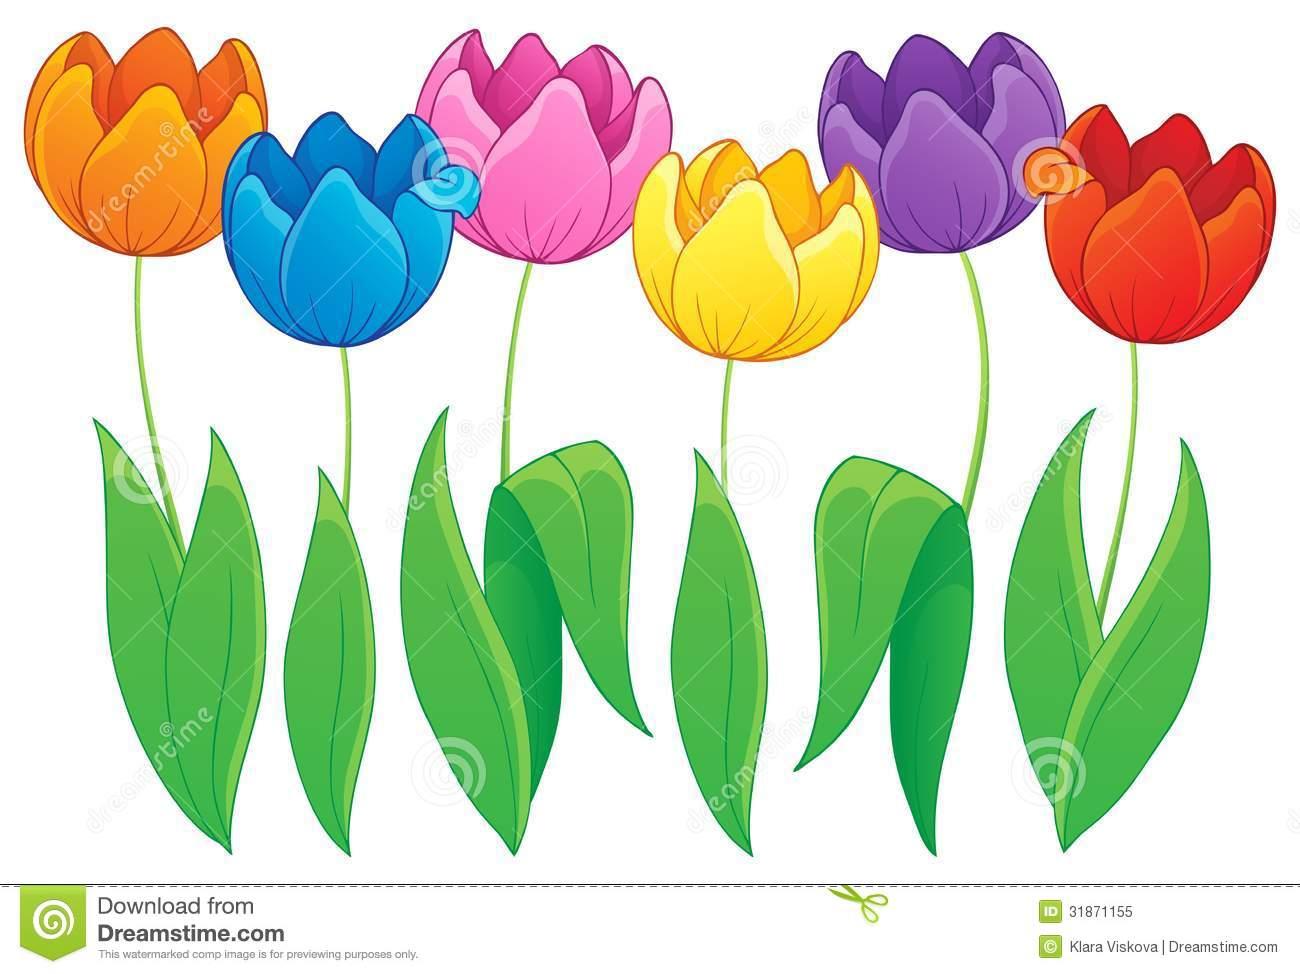 Tulip Flower Clip Art. Image With Tulip -Tulip Flower Clip Art. Image with tulip flower theme .-12